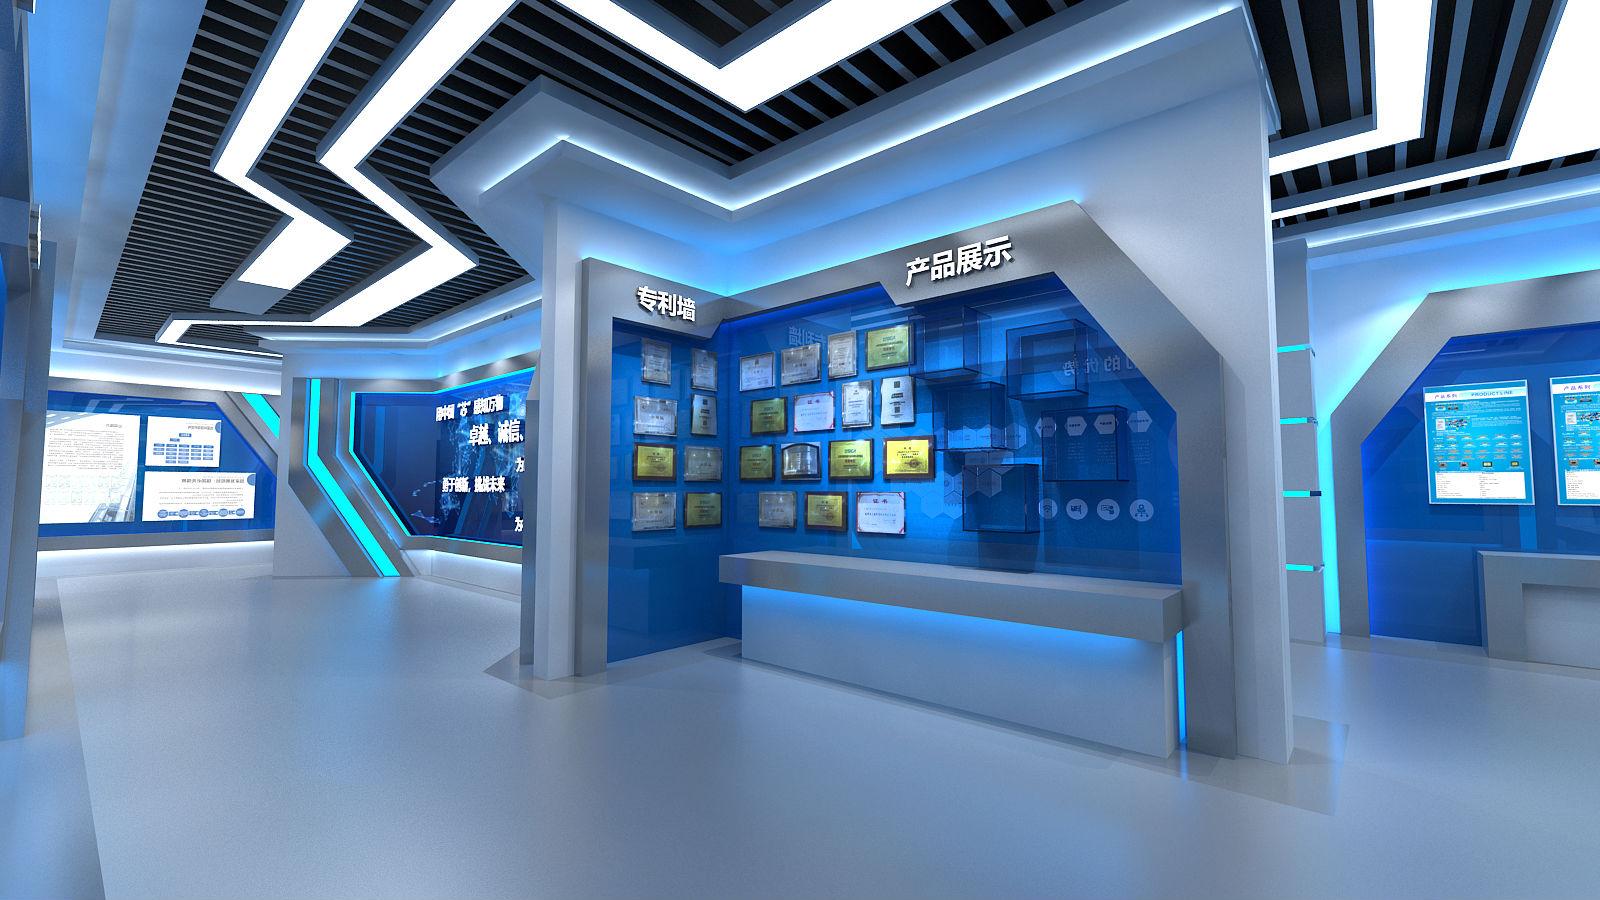 恒拓展厅设计方案图片的专利墙